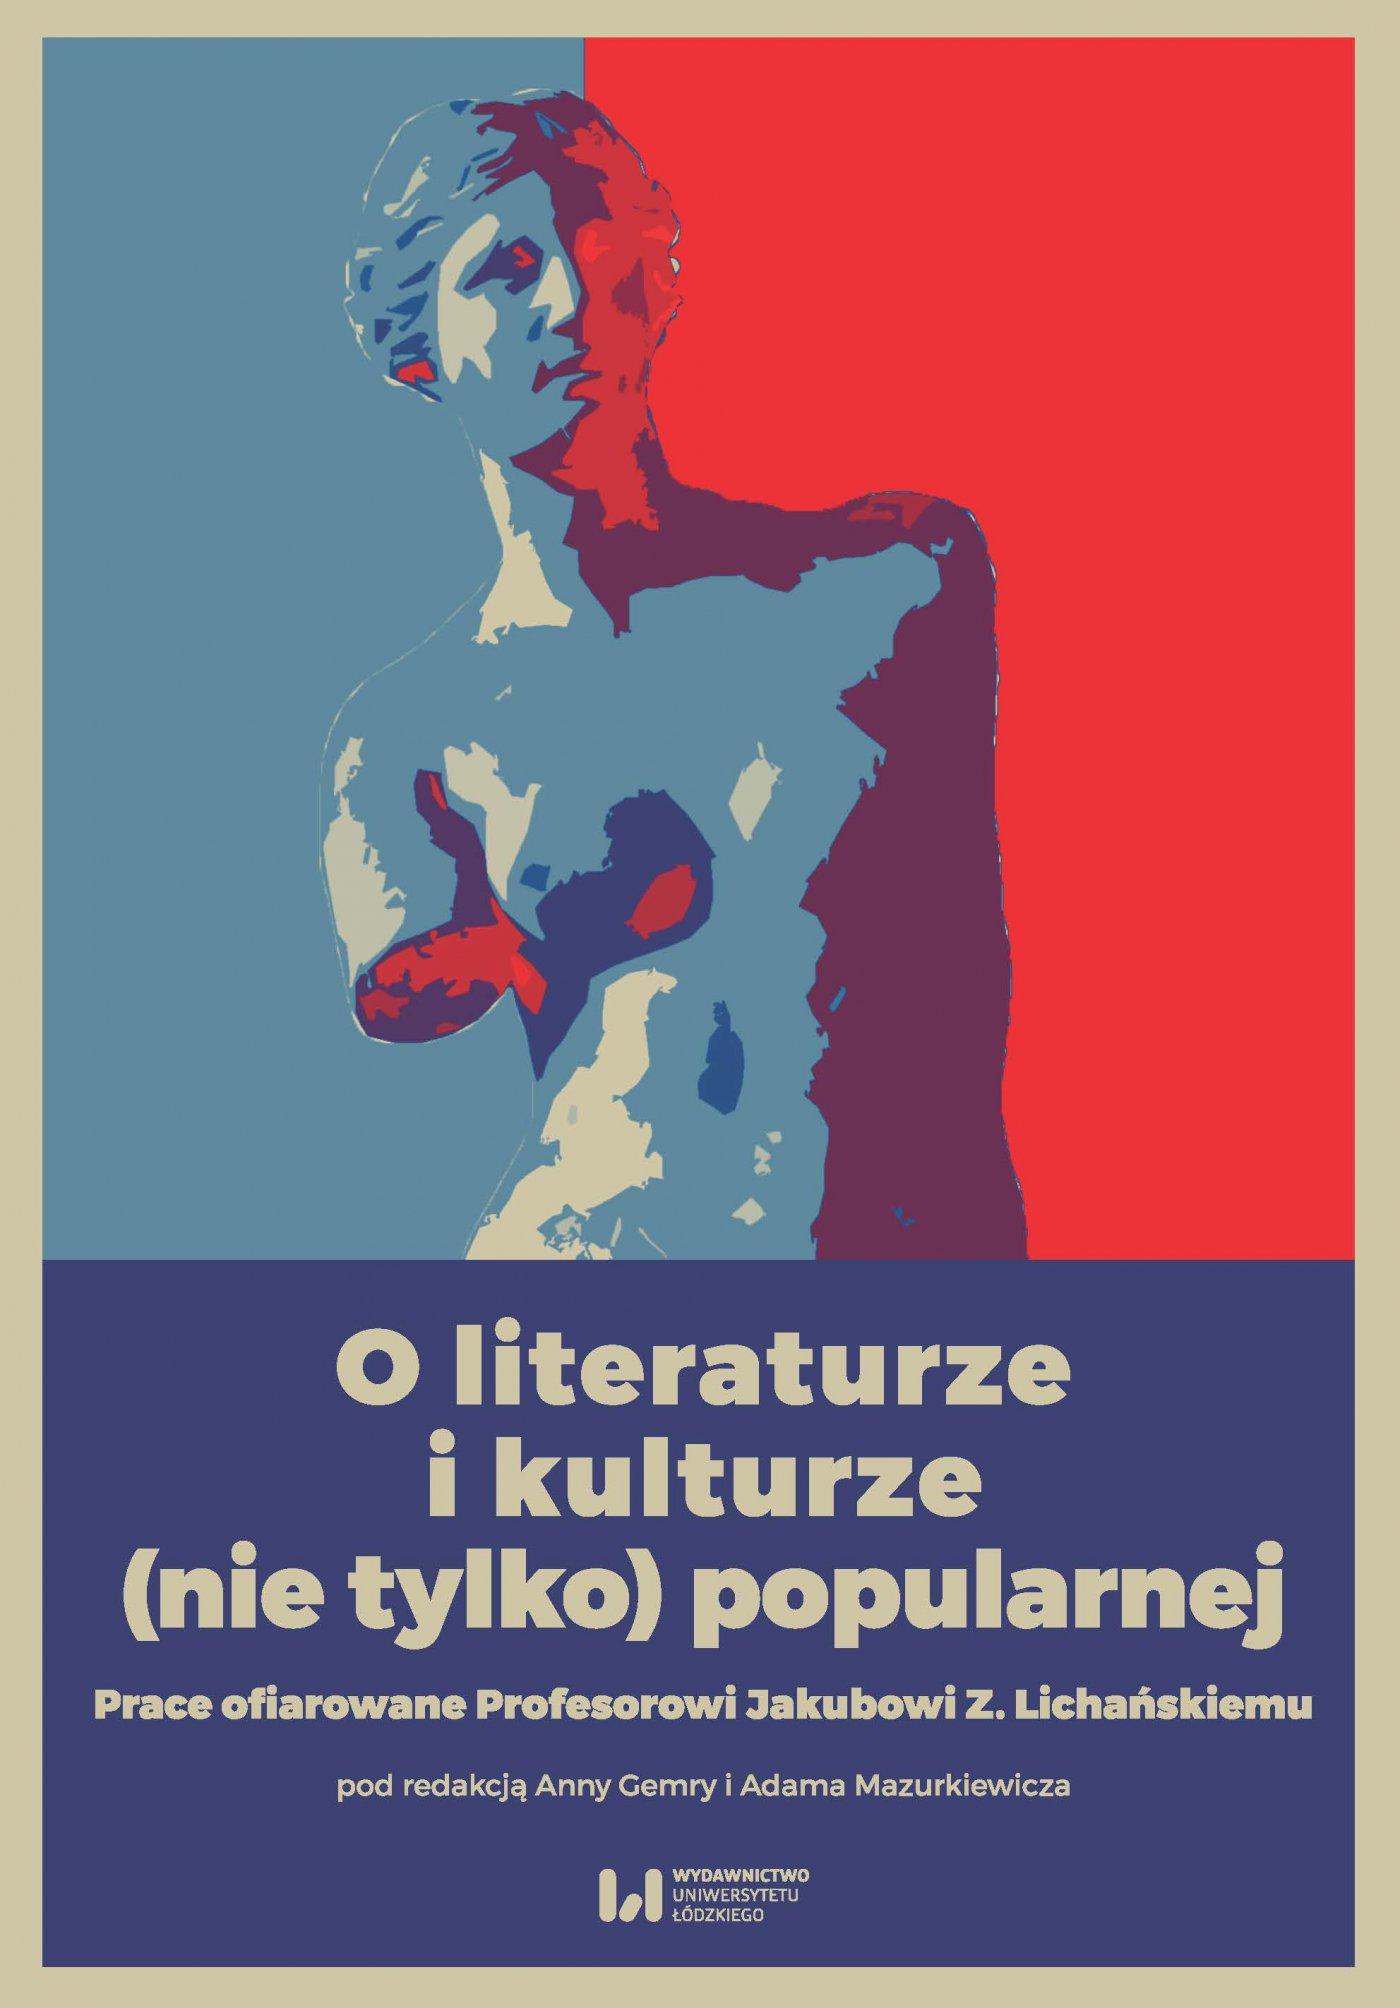 O literaturze i kulturze (nie tylko) popularnej. Prace ofiarowane Profesorowi Jakubowi Z. Lichańskiemu - Ebook (Książka PDF) do pobrania w formacie PDF